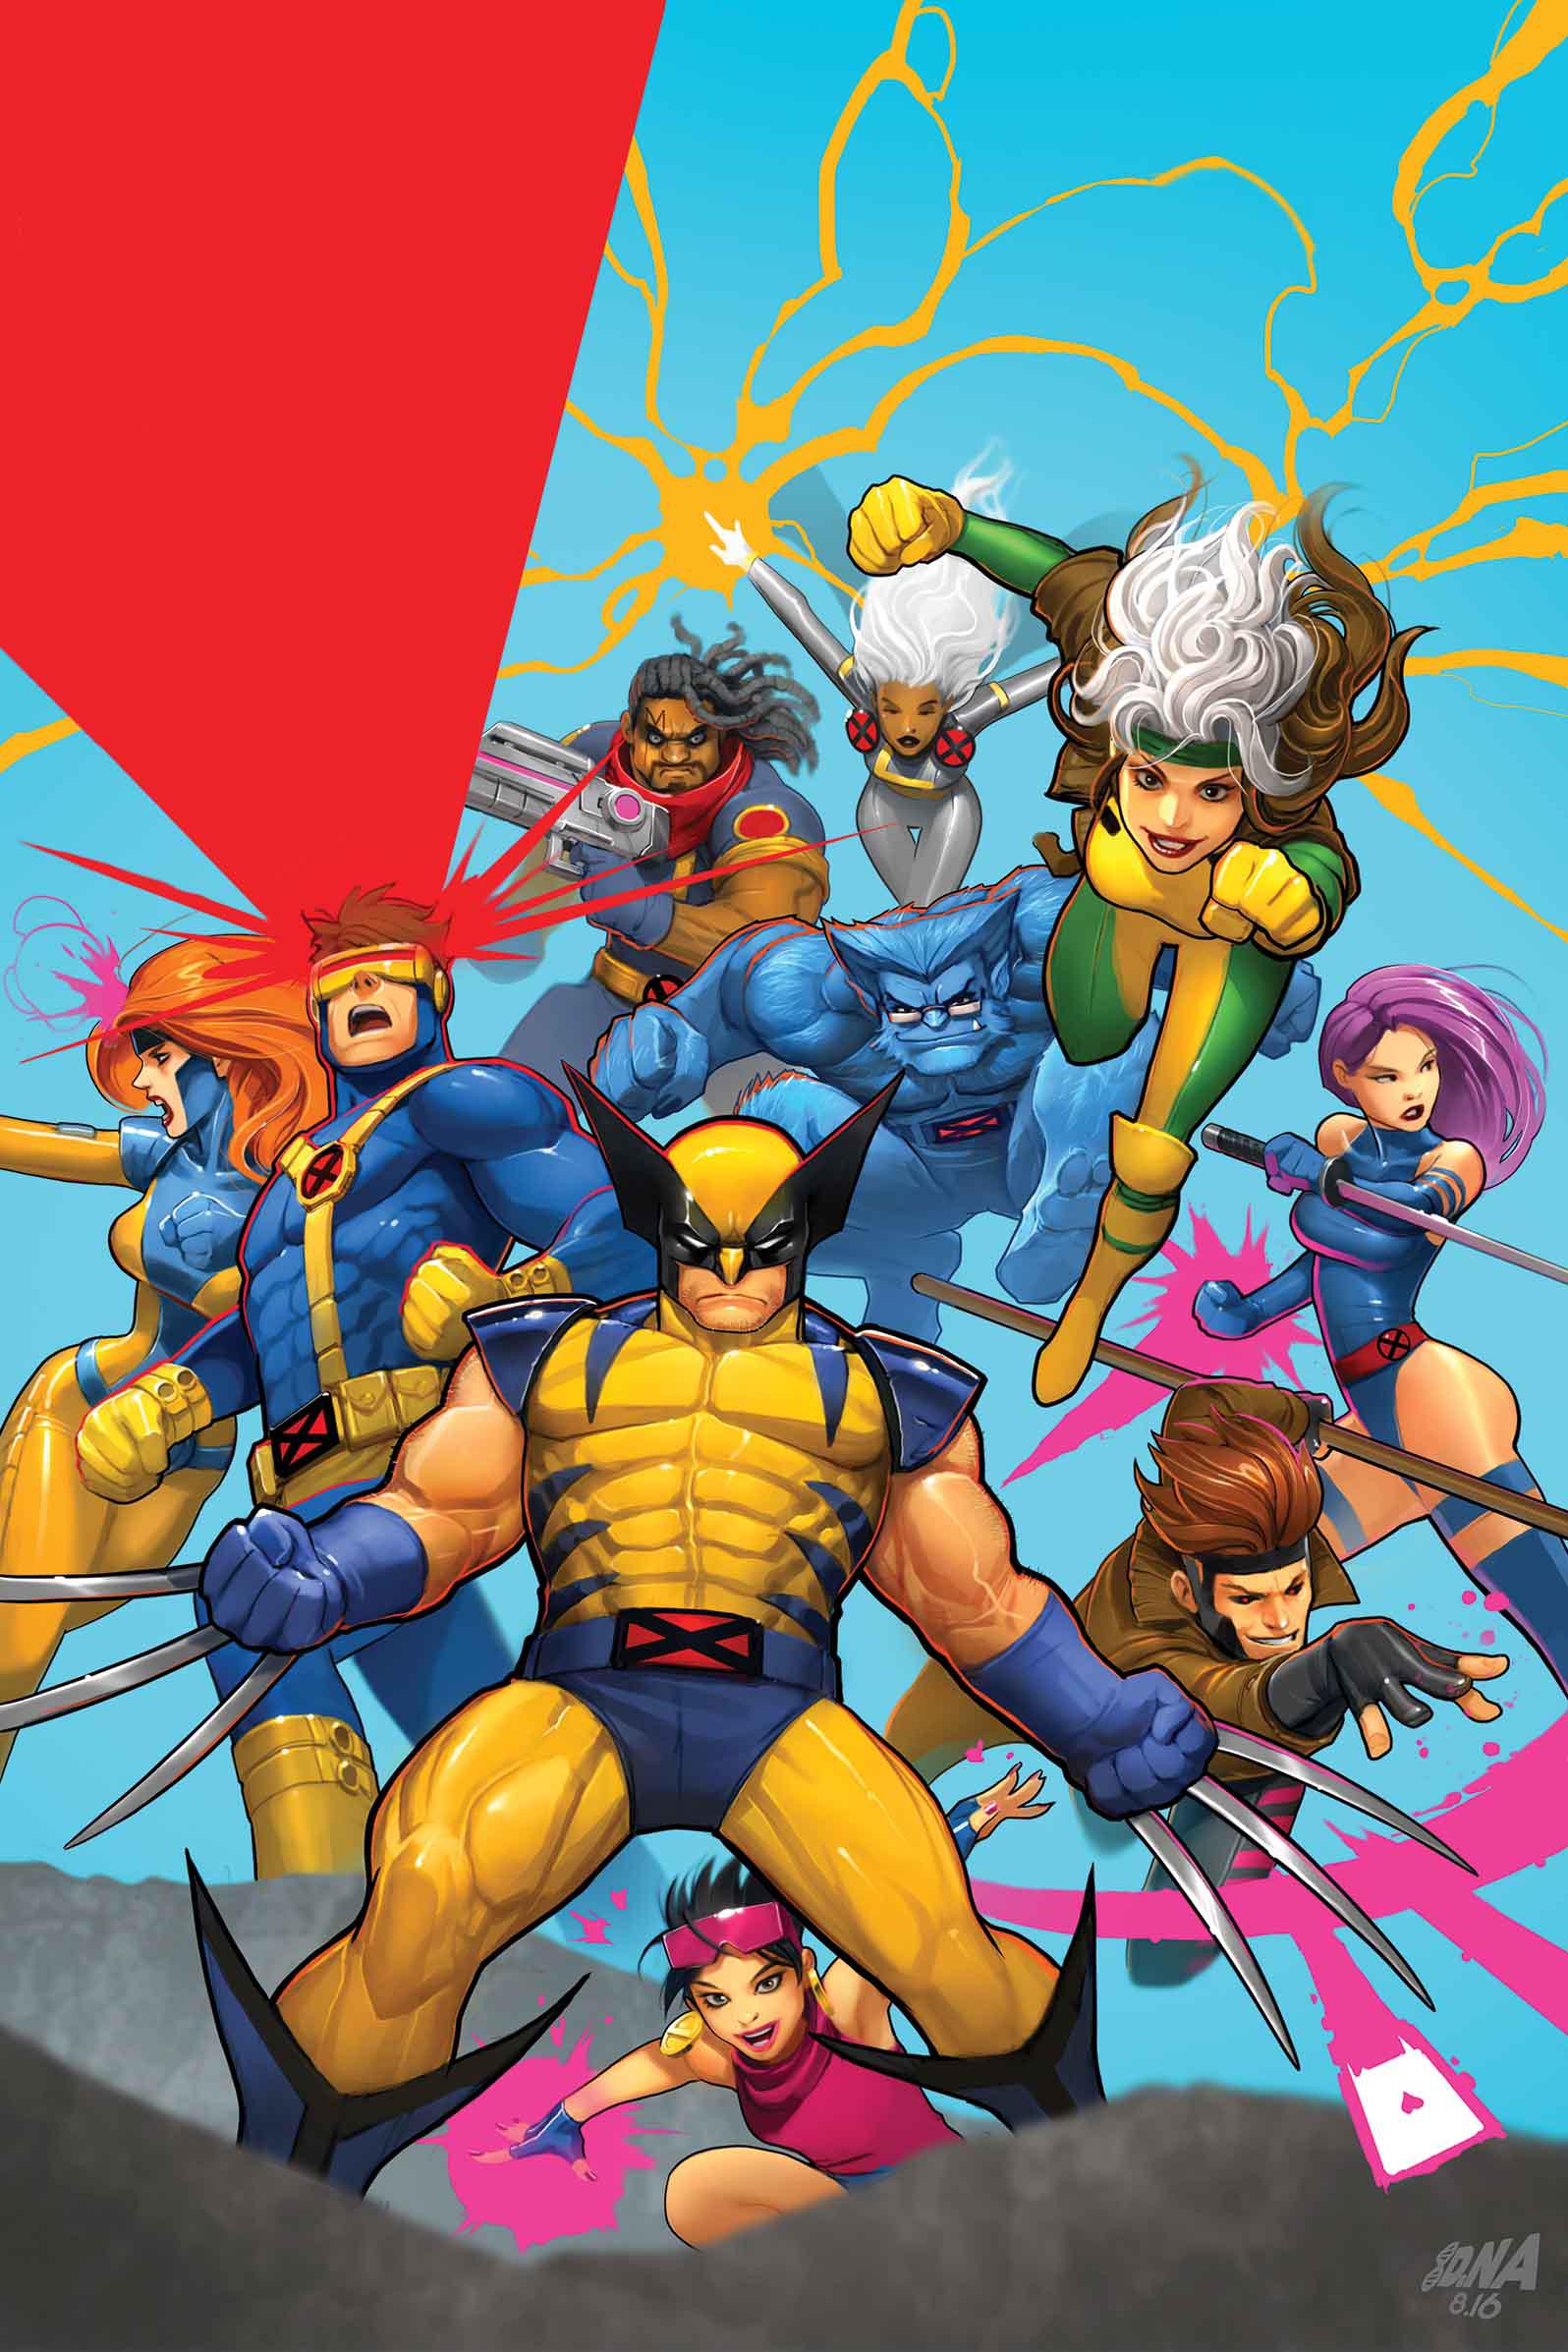 X Men 92 10edicion Final De X Traordinary Como Nuestros X Men Favoritos Sobreviviran A Su Mayor Amenaza Personajes Comic Personajes De Marvel Marvel Comics